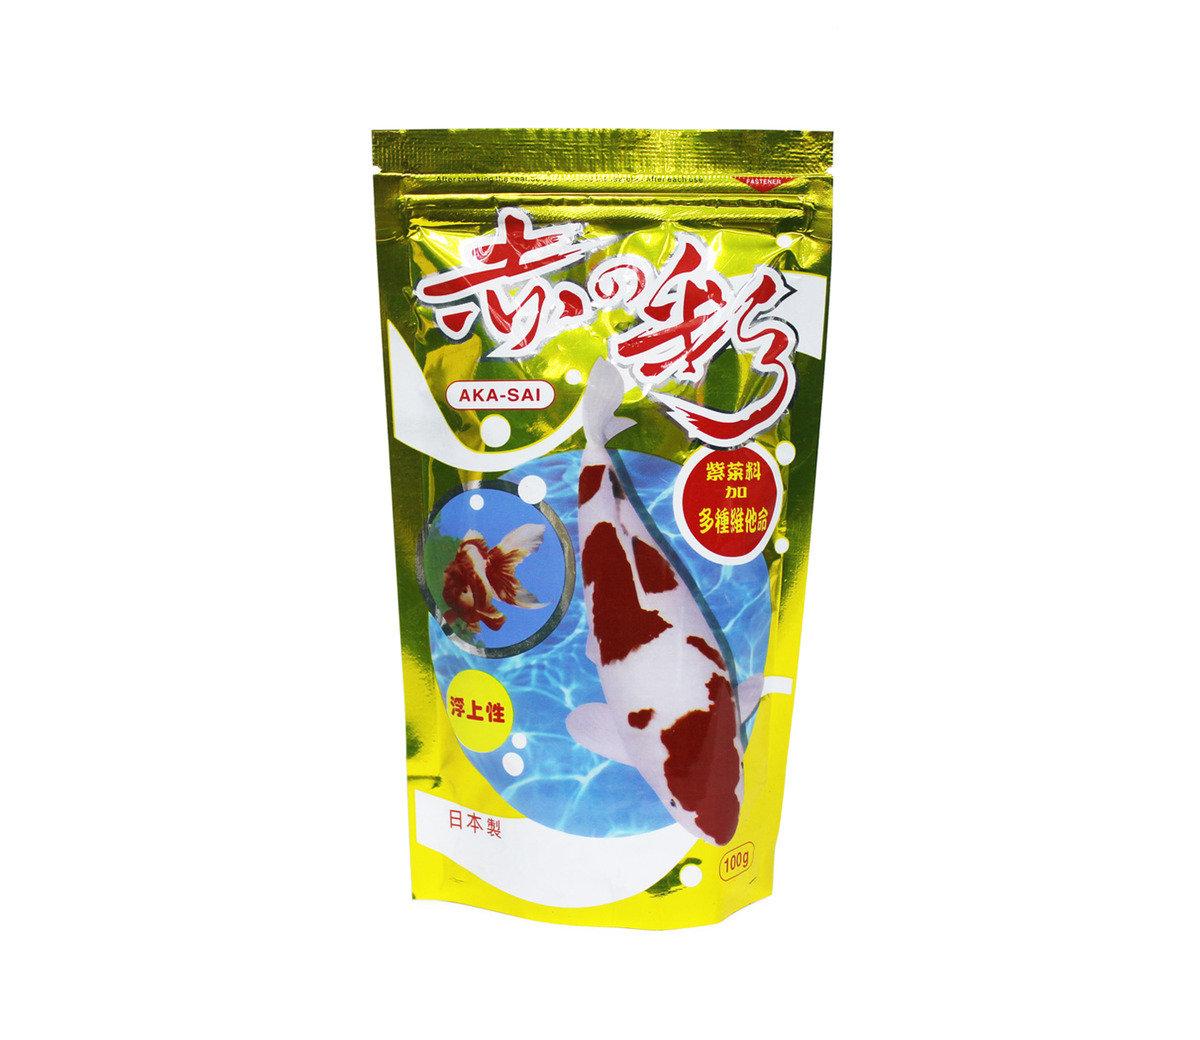 赤之彩丸多種維生素魚糧(100克)